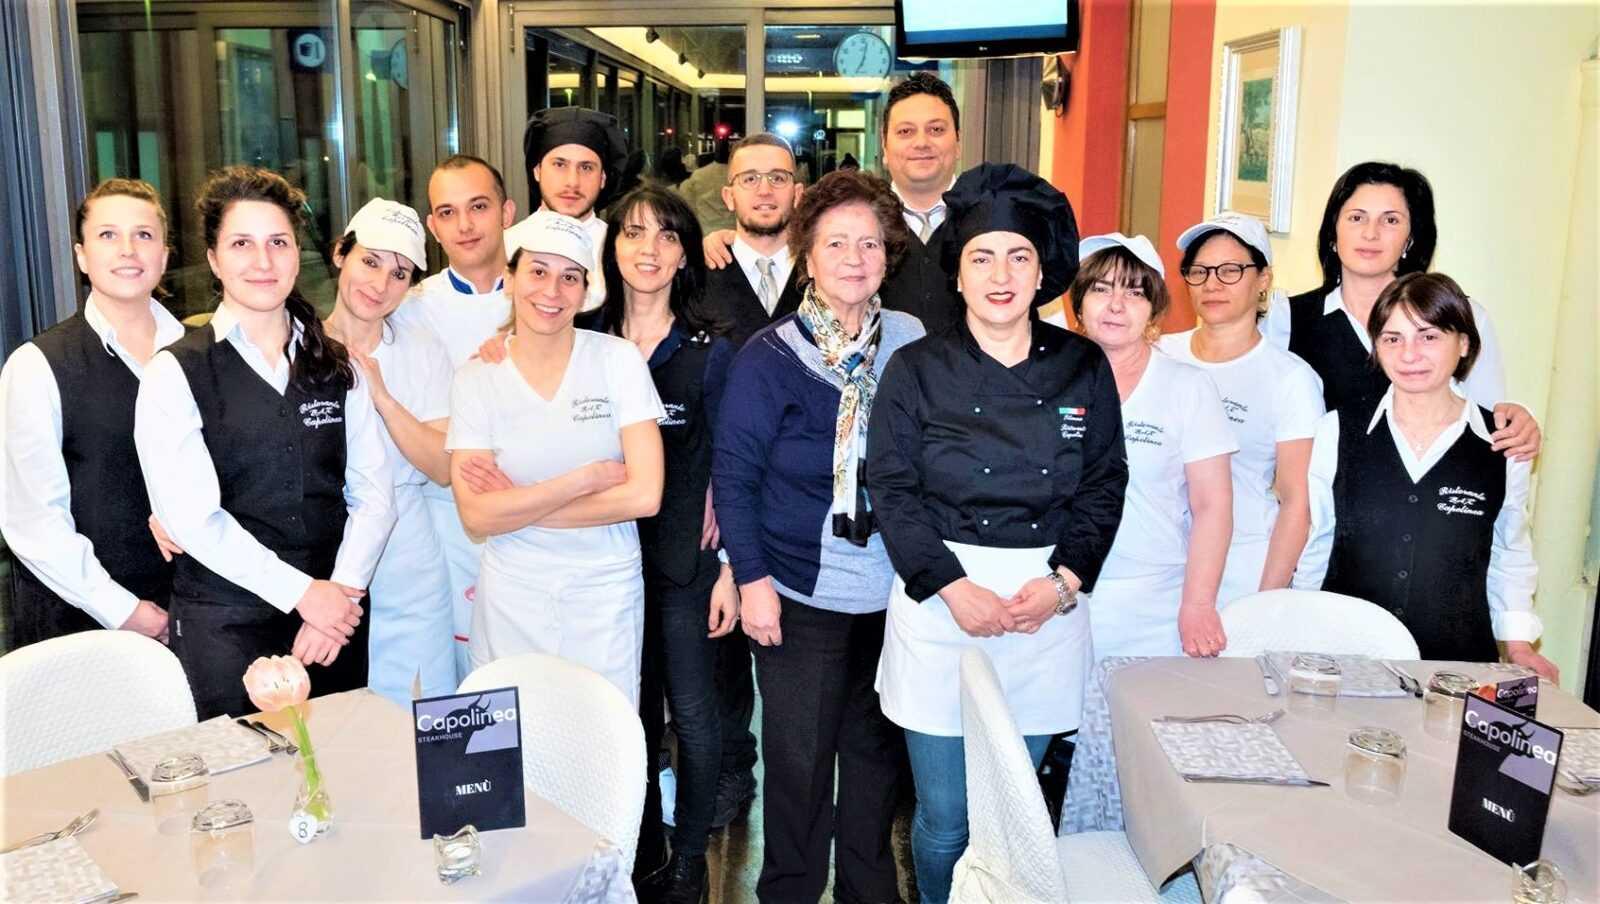 IL RUGGITO / Teramo esprime solidarietà al ristorante Capolinea. Ma non bastano le parole